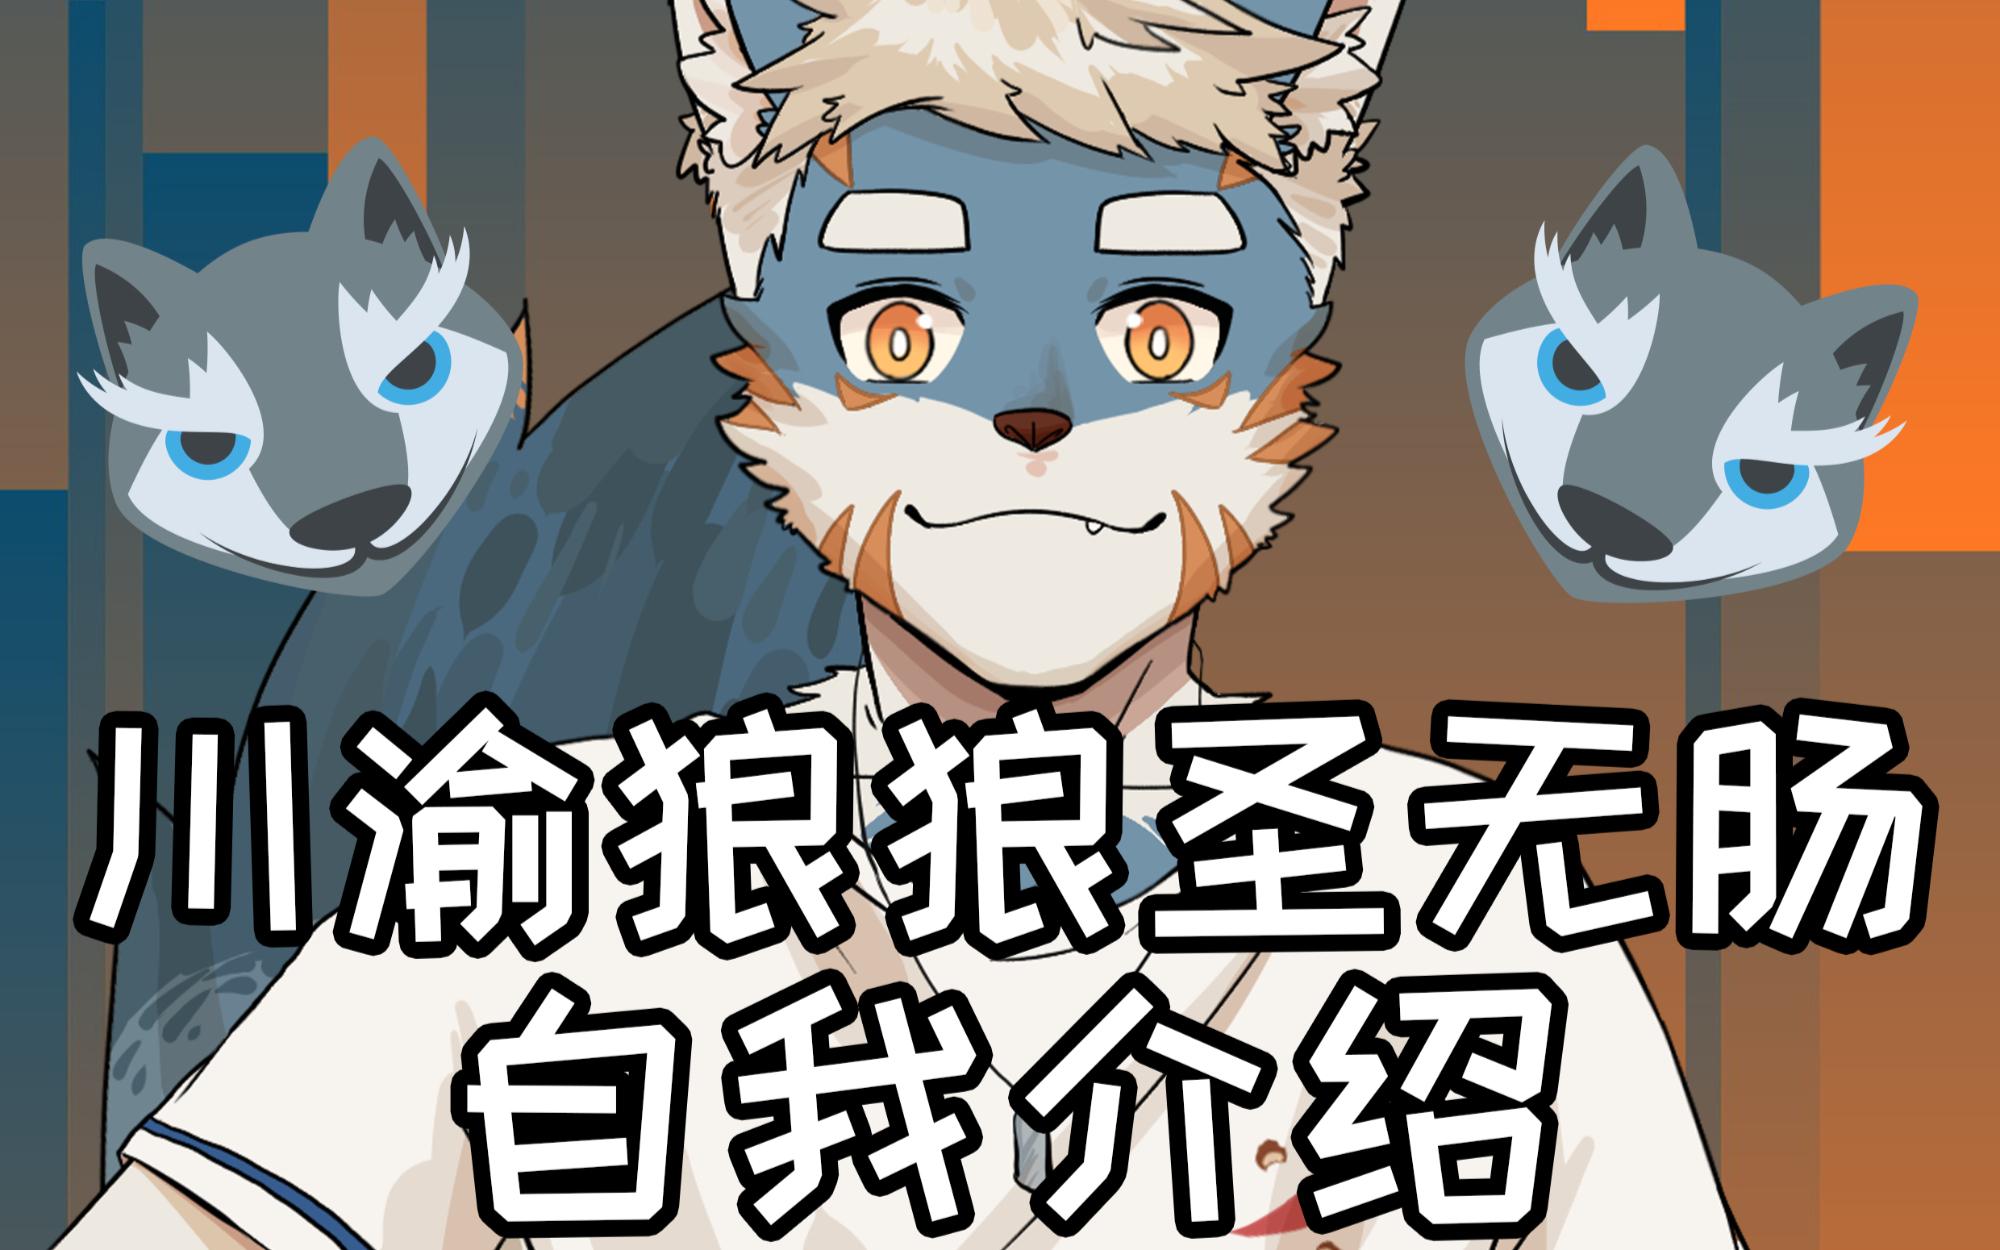 【狼狼圣无肠】川渝的狼狼来了哦!